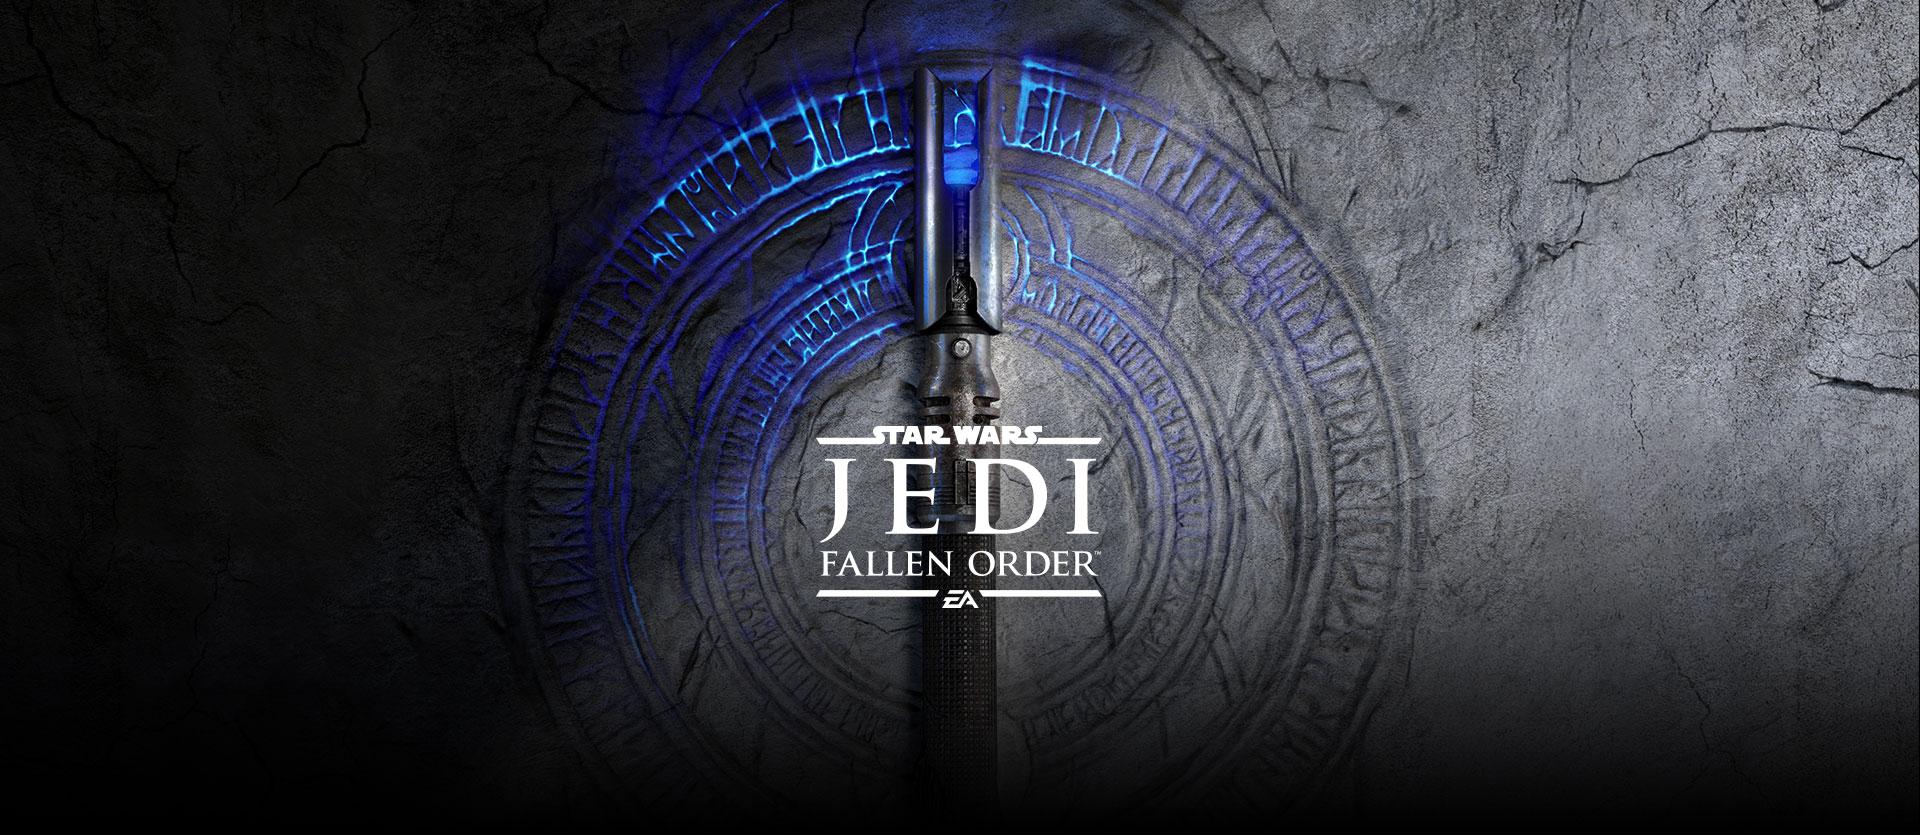 Скриншот  5 - Star Wars: Jedi Fallen Order Deluxe/Standard + Подарки